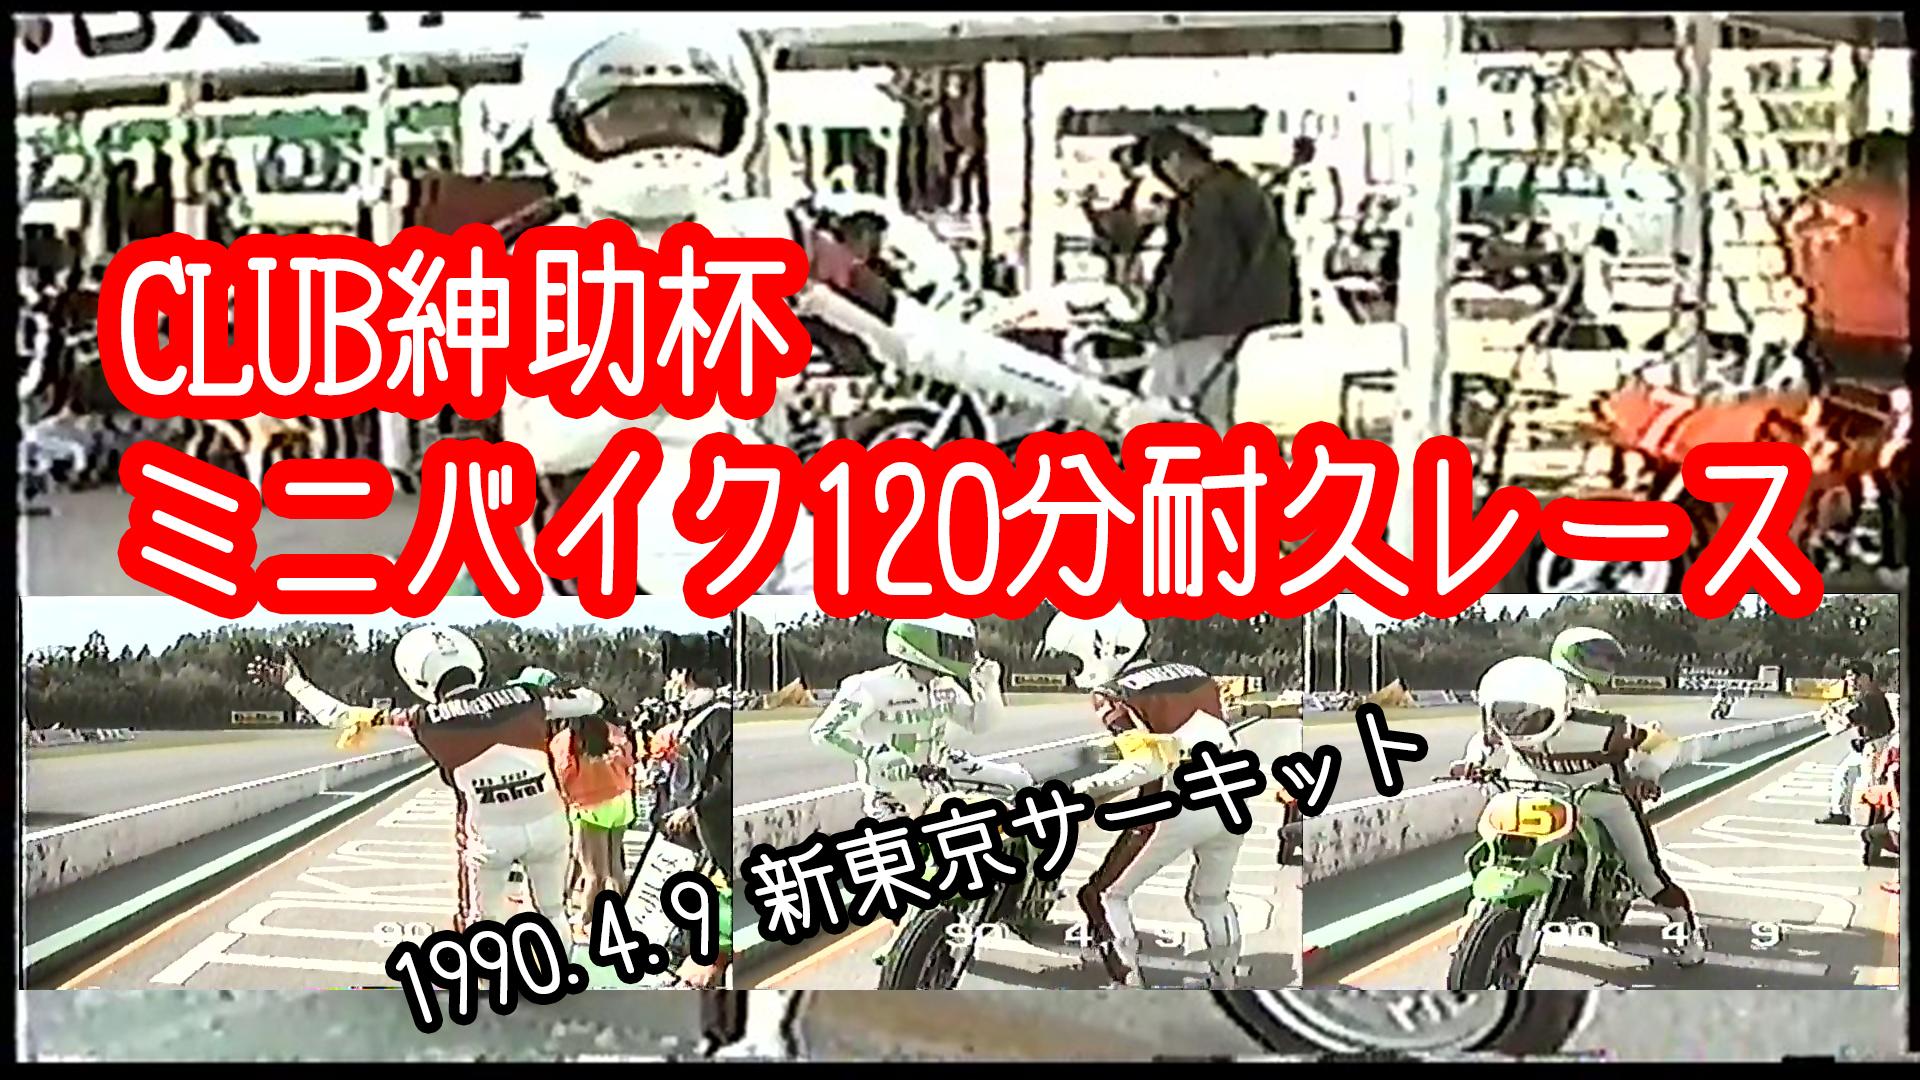 第4回 CLUB紳助ミニバイク120分耐久レースのプライベート・ビデオ